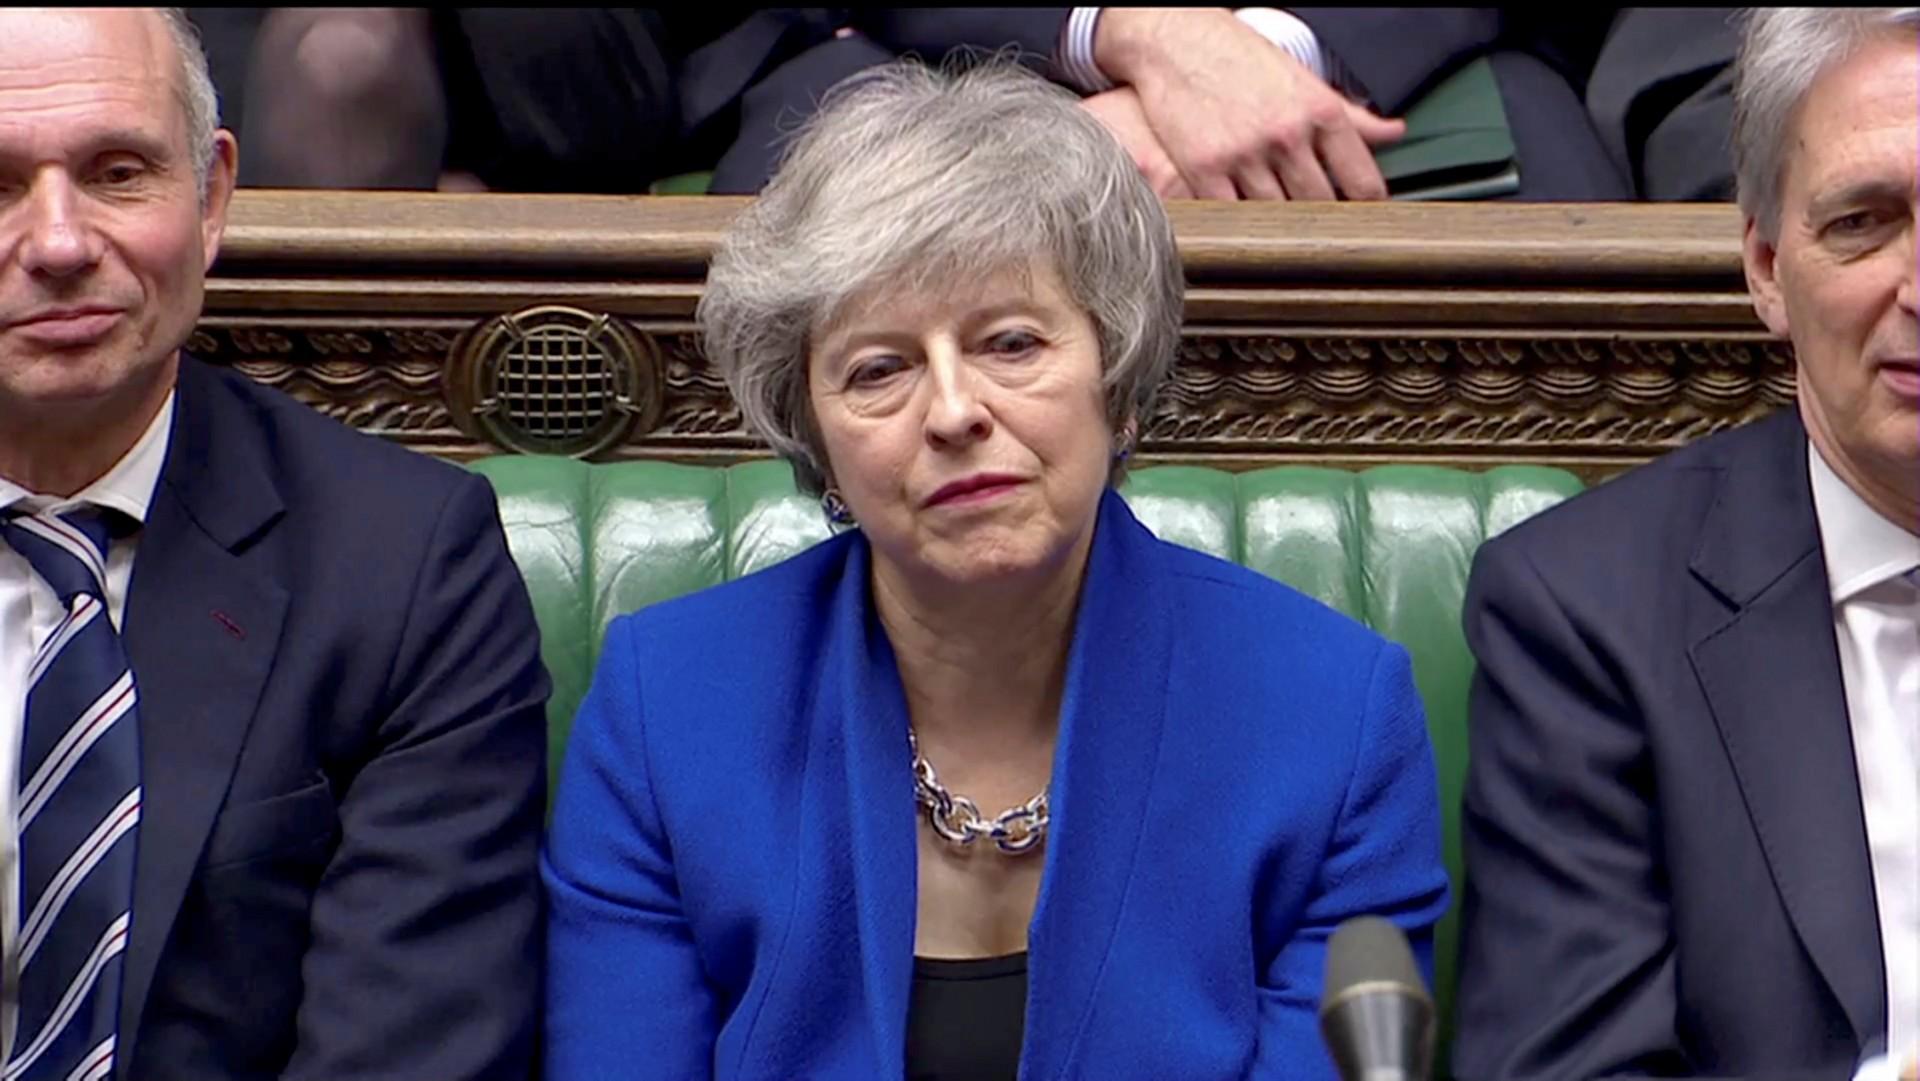 La primera ministra británica Theresa May, quien asumió poco después del referéndum del Brexit, ha sufrido dos duros rechazos en el parlamento (Reuters)